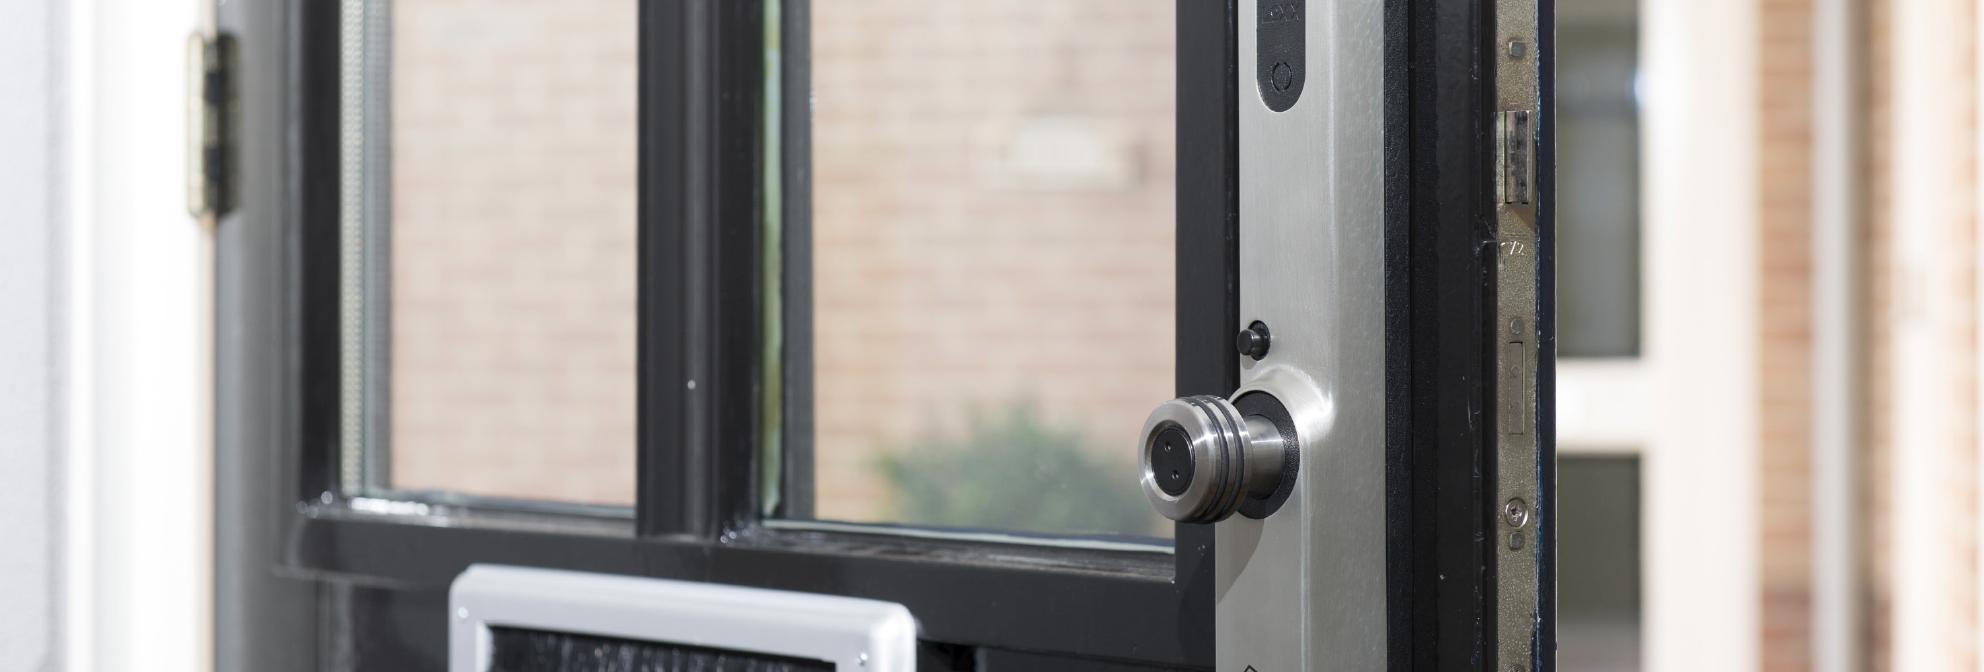 Voordeur met Invited smart lock